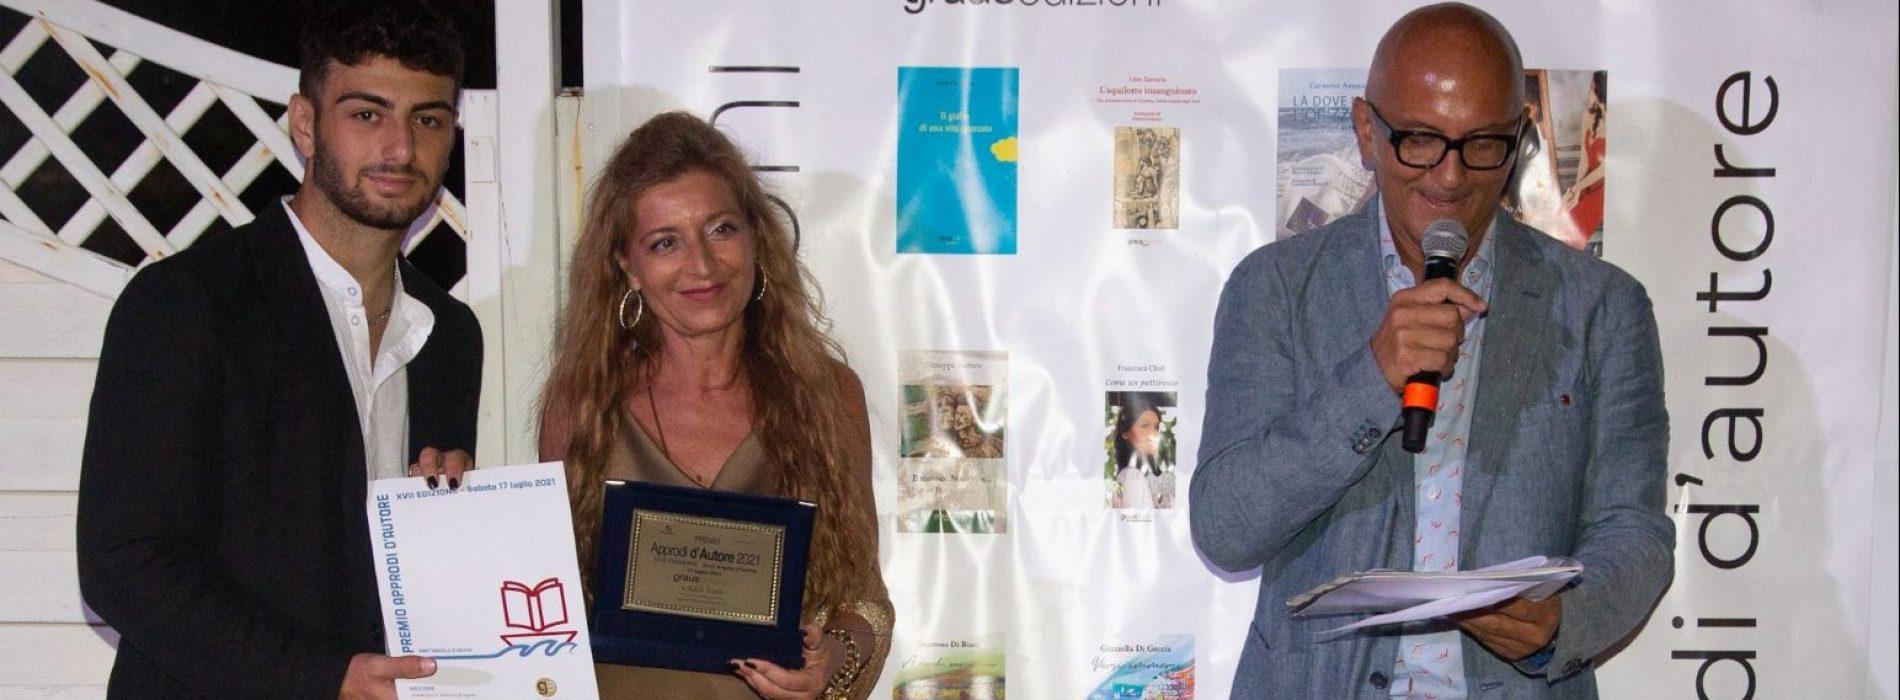 Adele Vairo vincitrice a Ischia, a lei il premio Approdi d'Autore